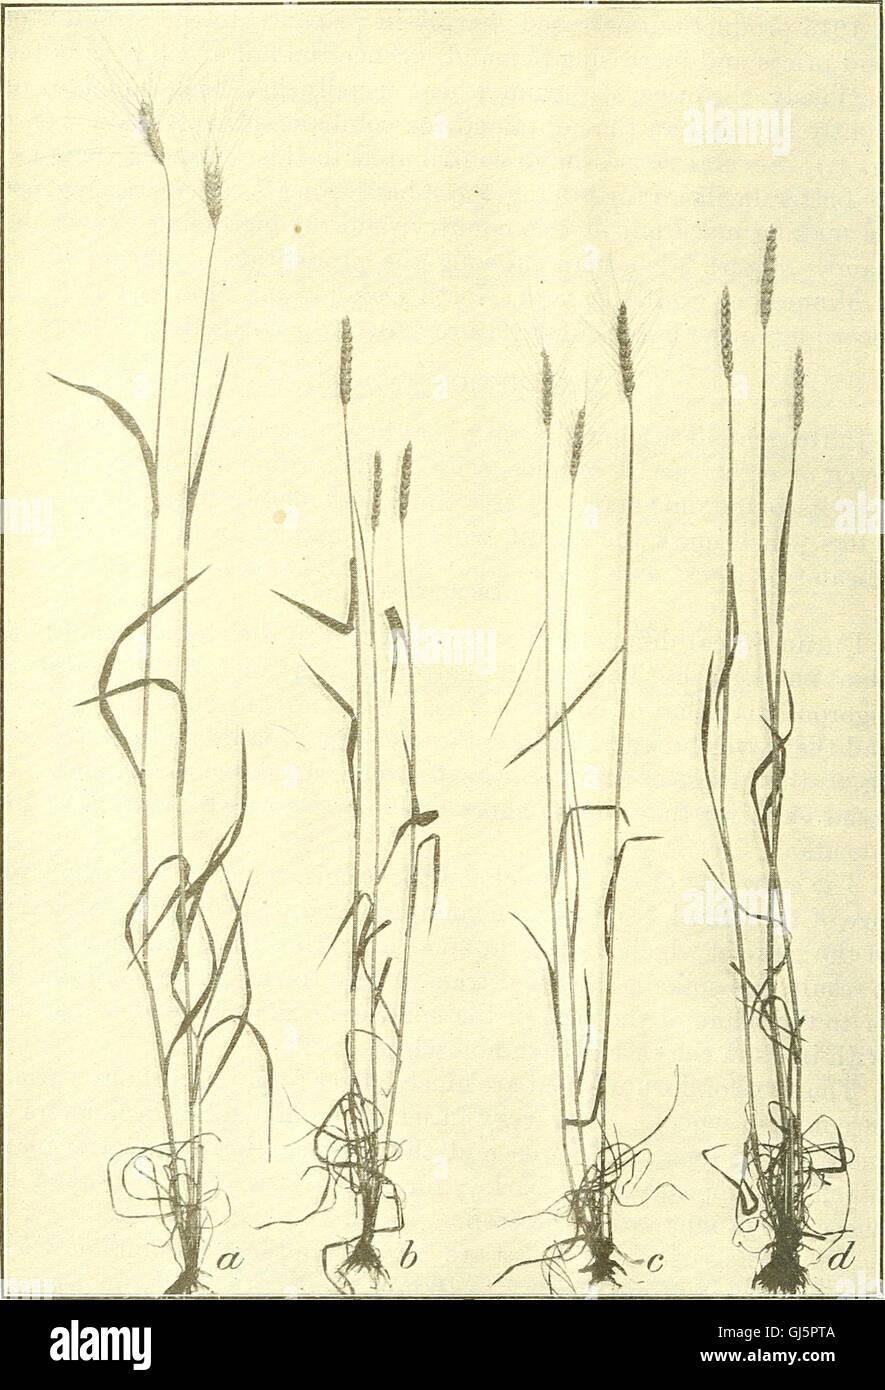 Bulletin du Ministère de l'Agriculture des États-Unis (1920) Banque D'Images